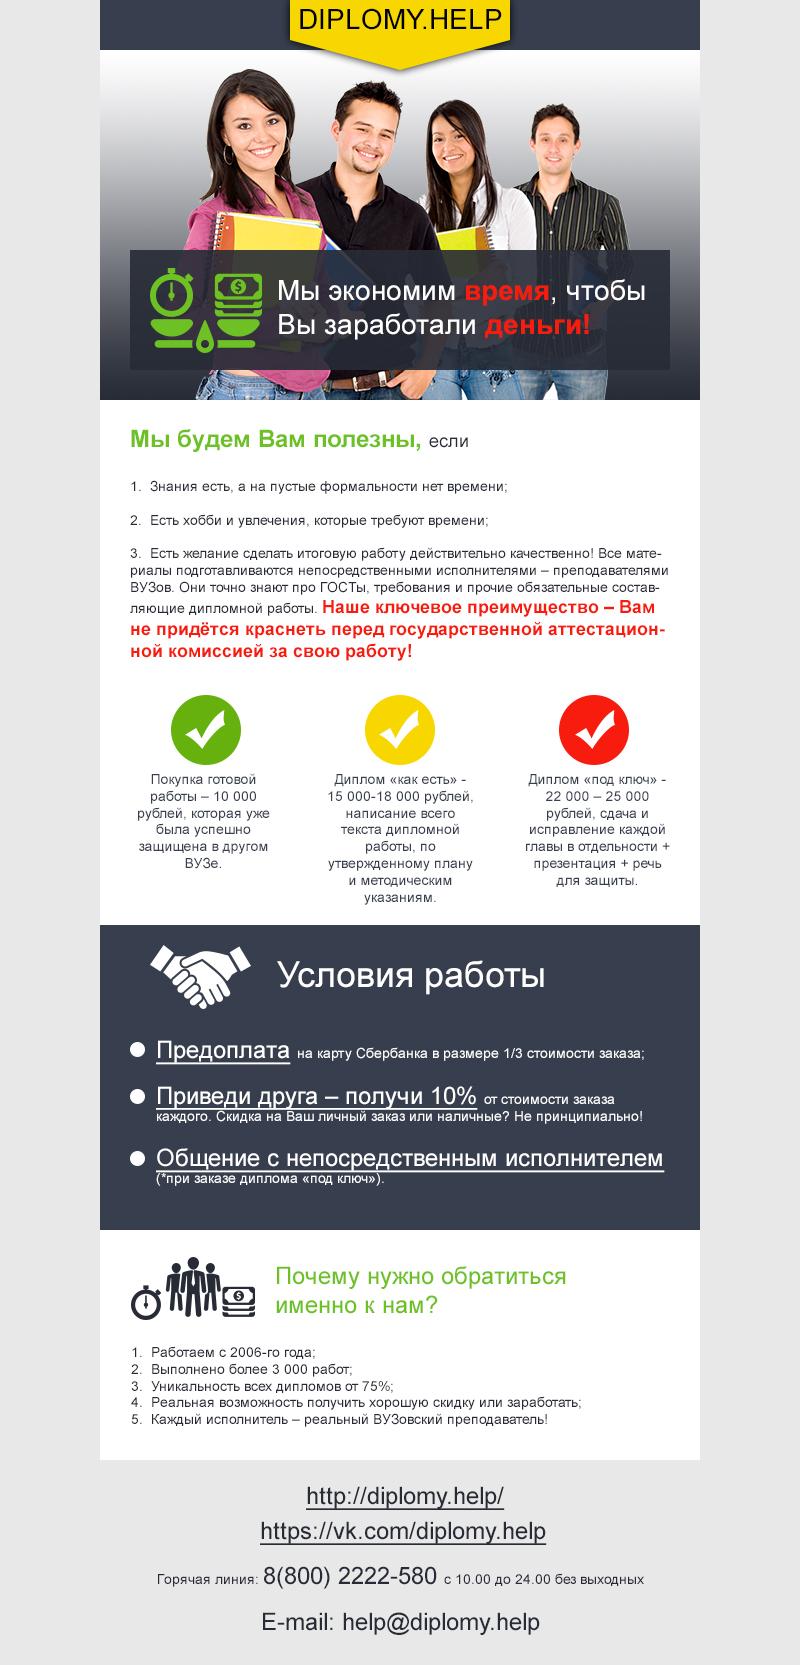 Дизайн письма diplomy-help